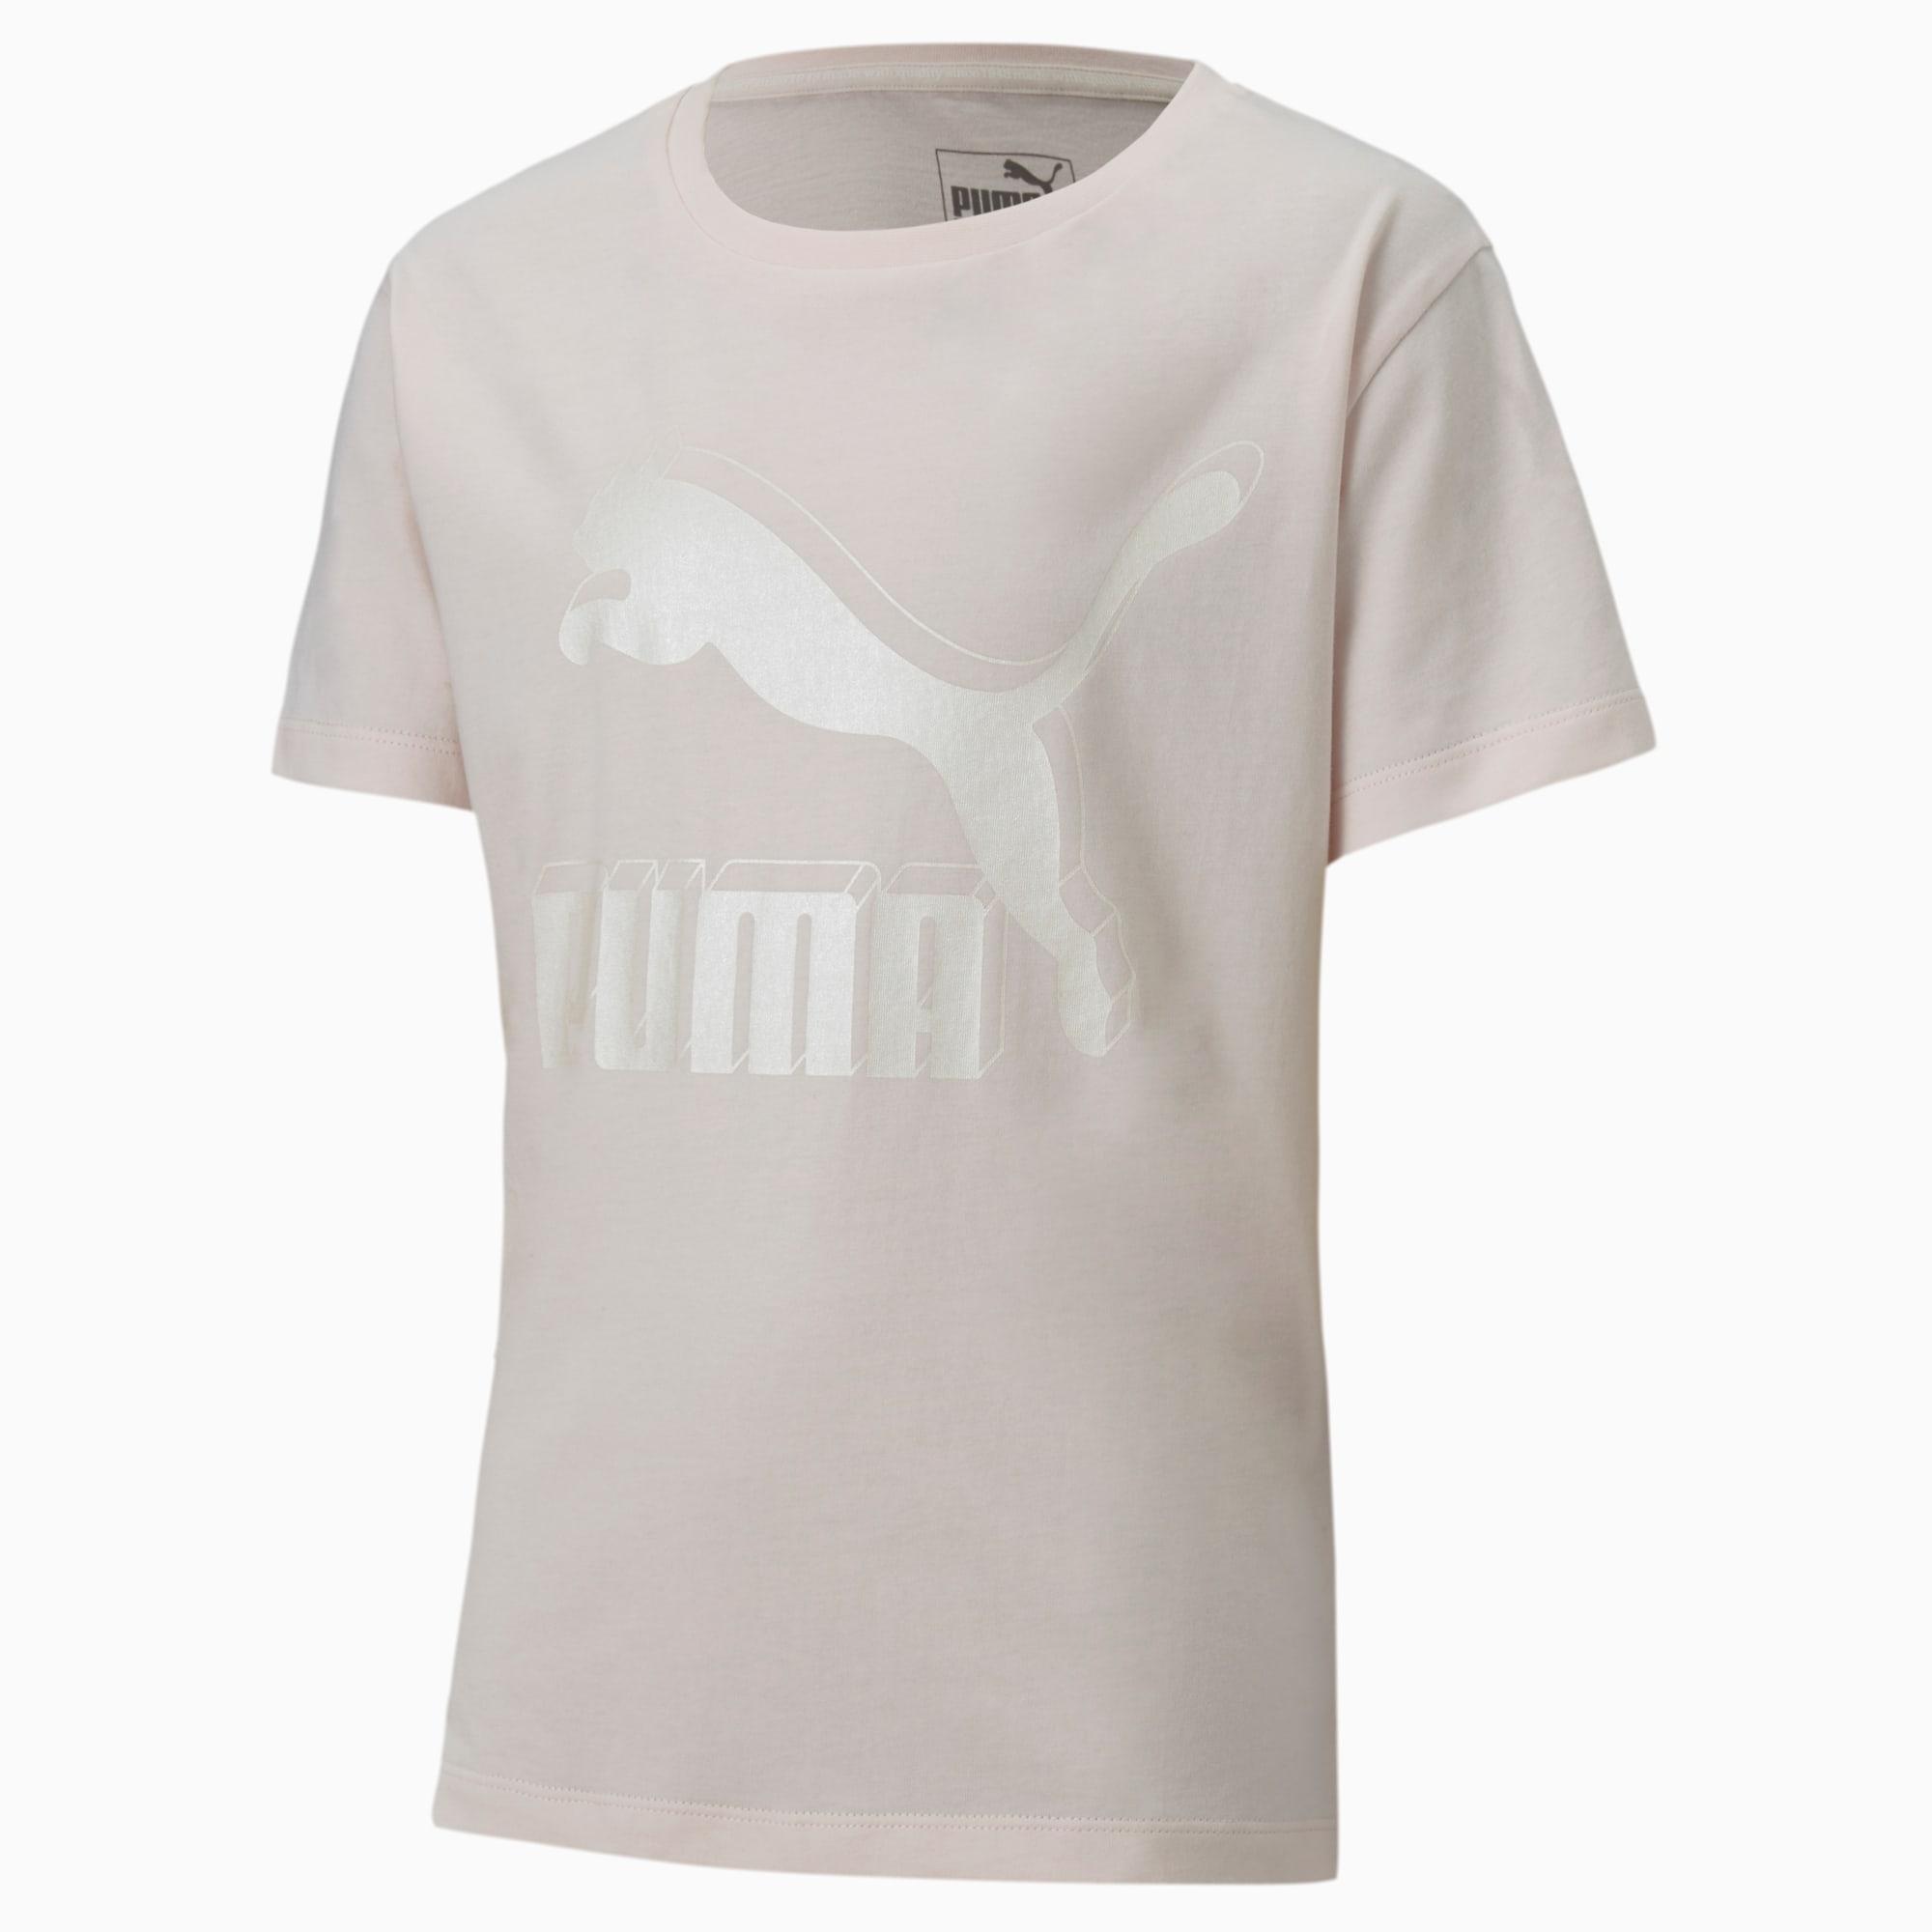 PUMA T-Shirt Classics Graphic pour fille, Rose, Taille 140, Vêtements